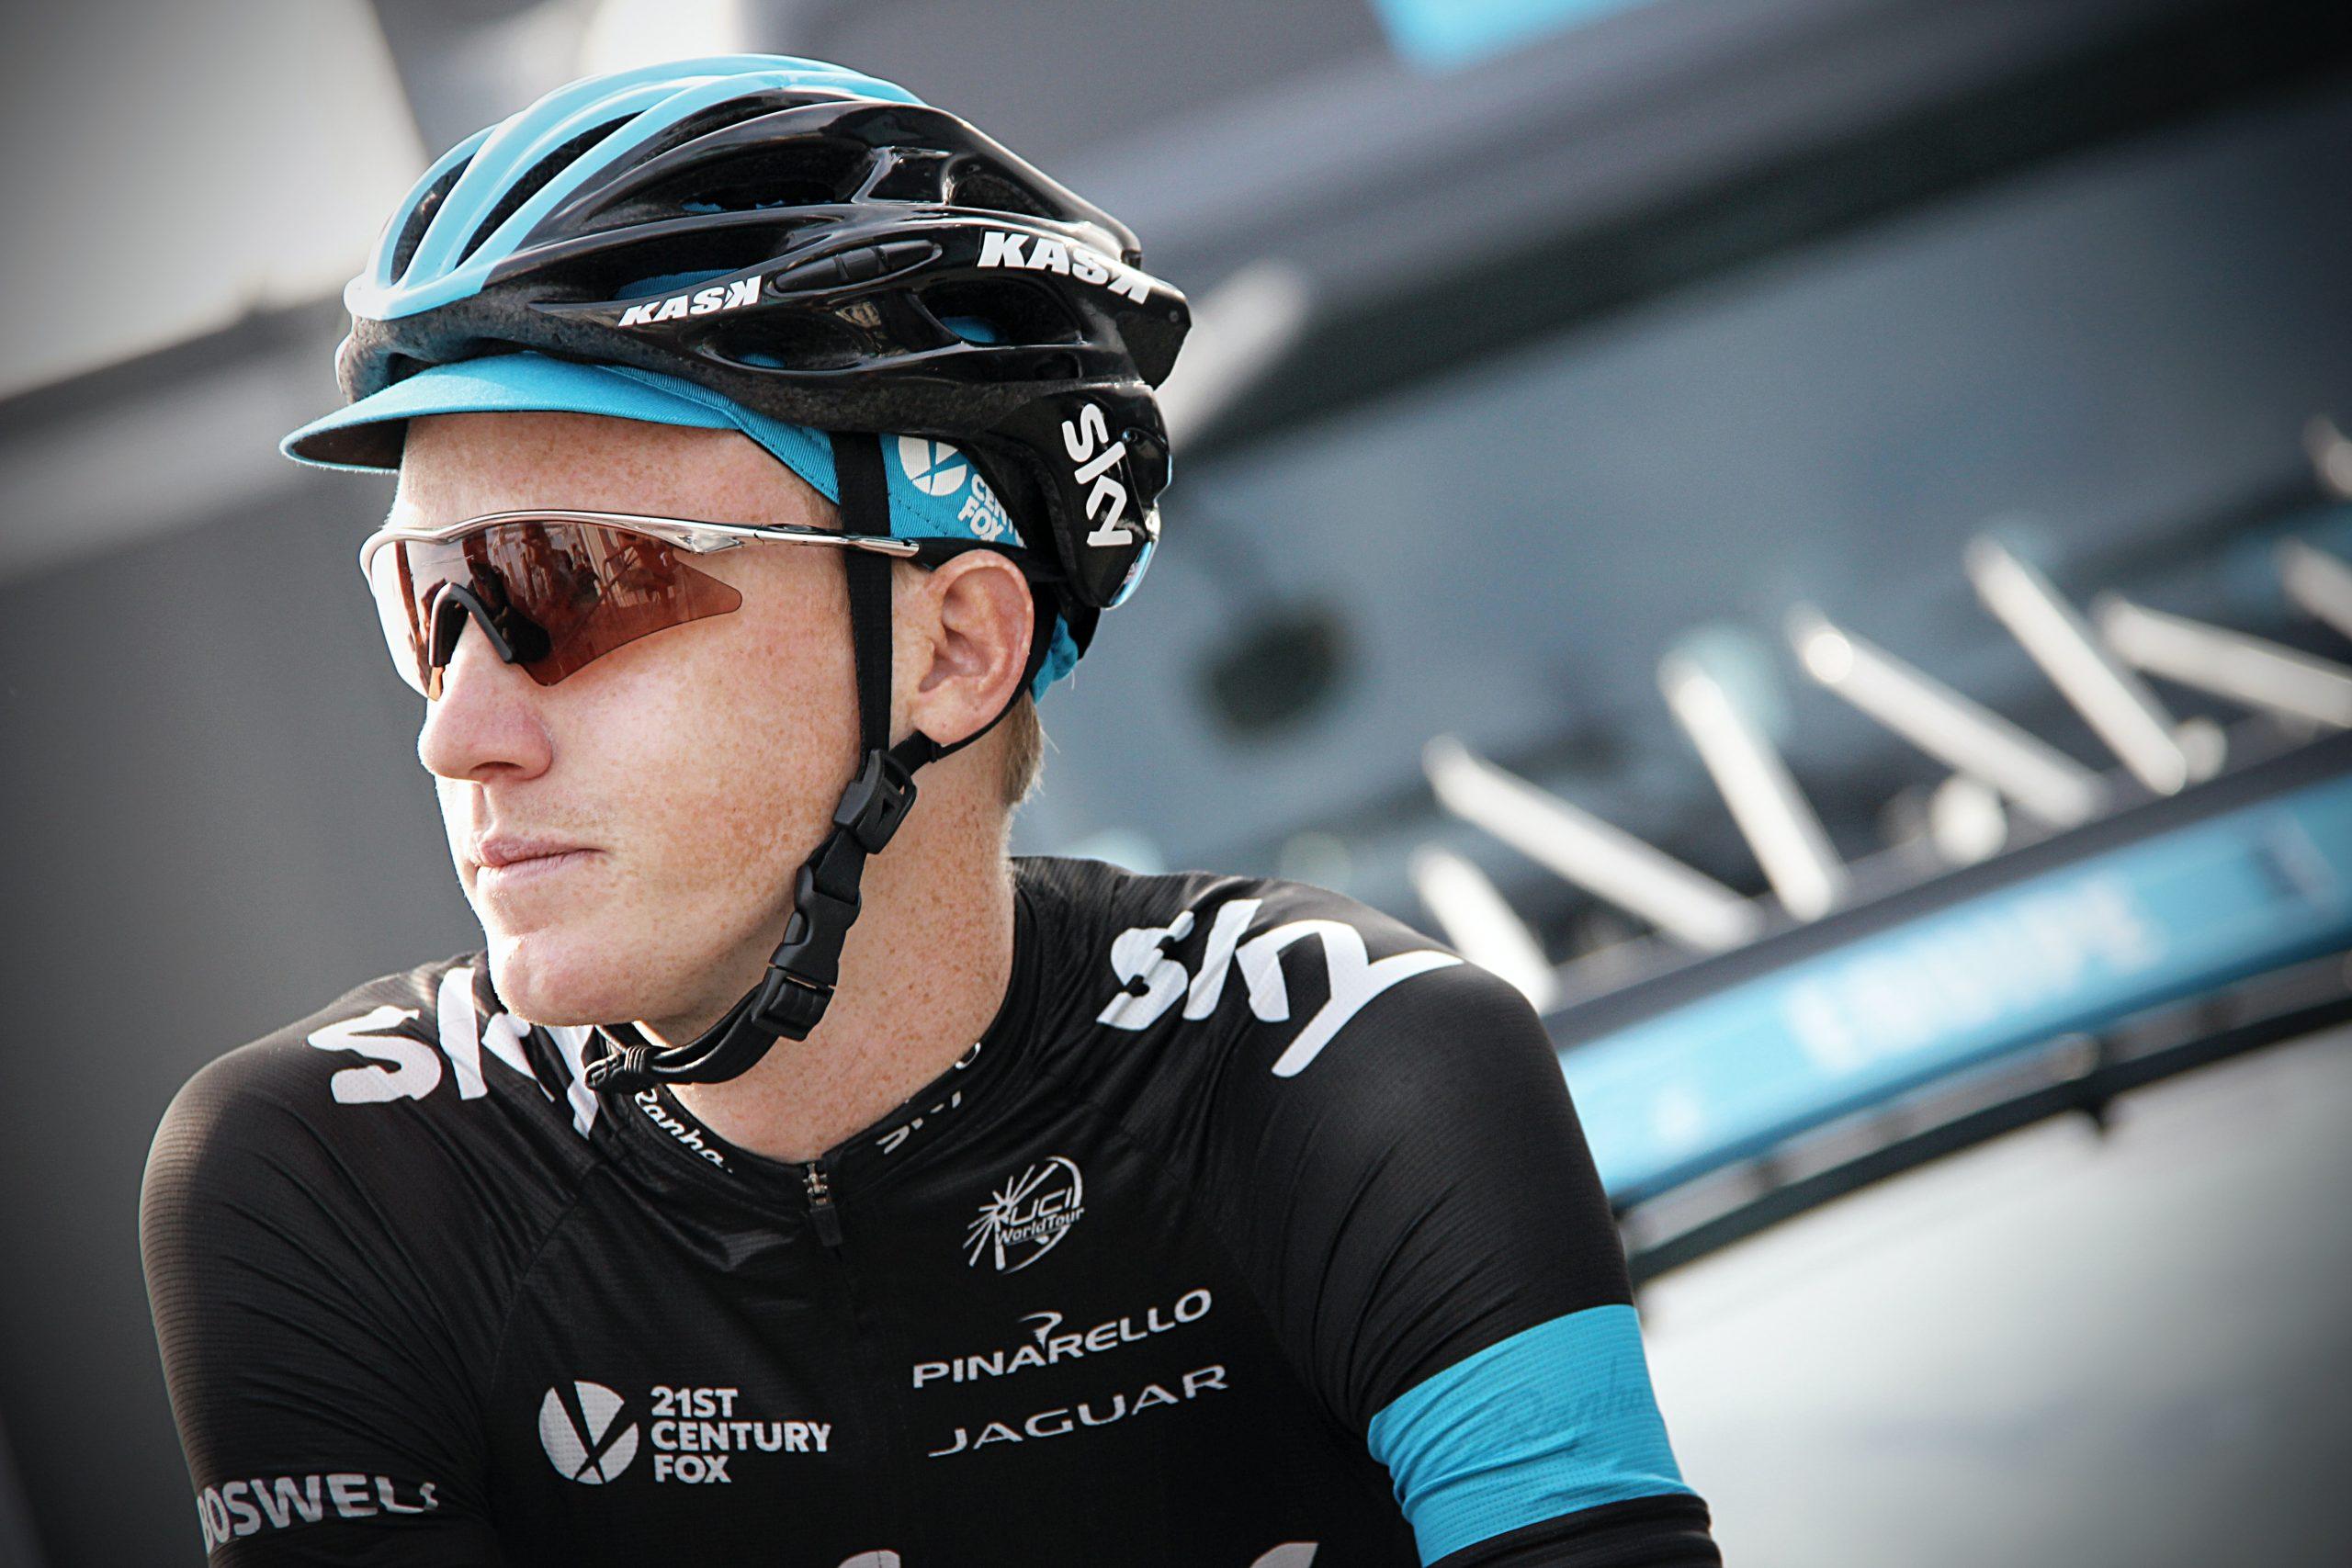 A foto mostra um ciclista olhando para o lado. Ele está com capacete e os óculos de ciclismo